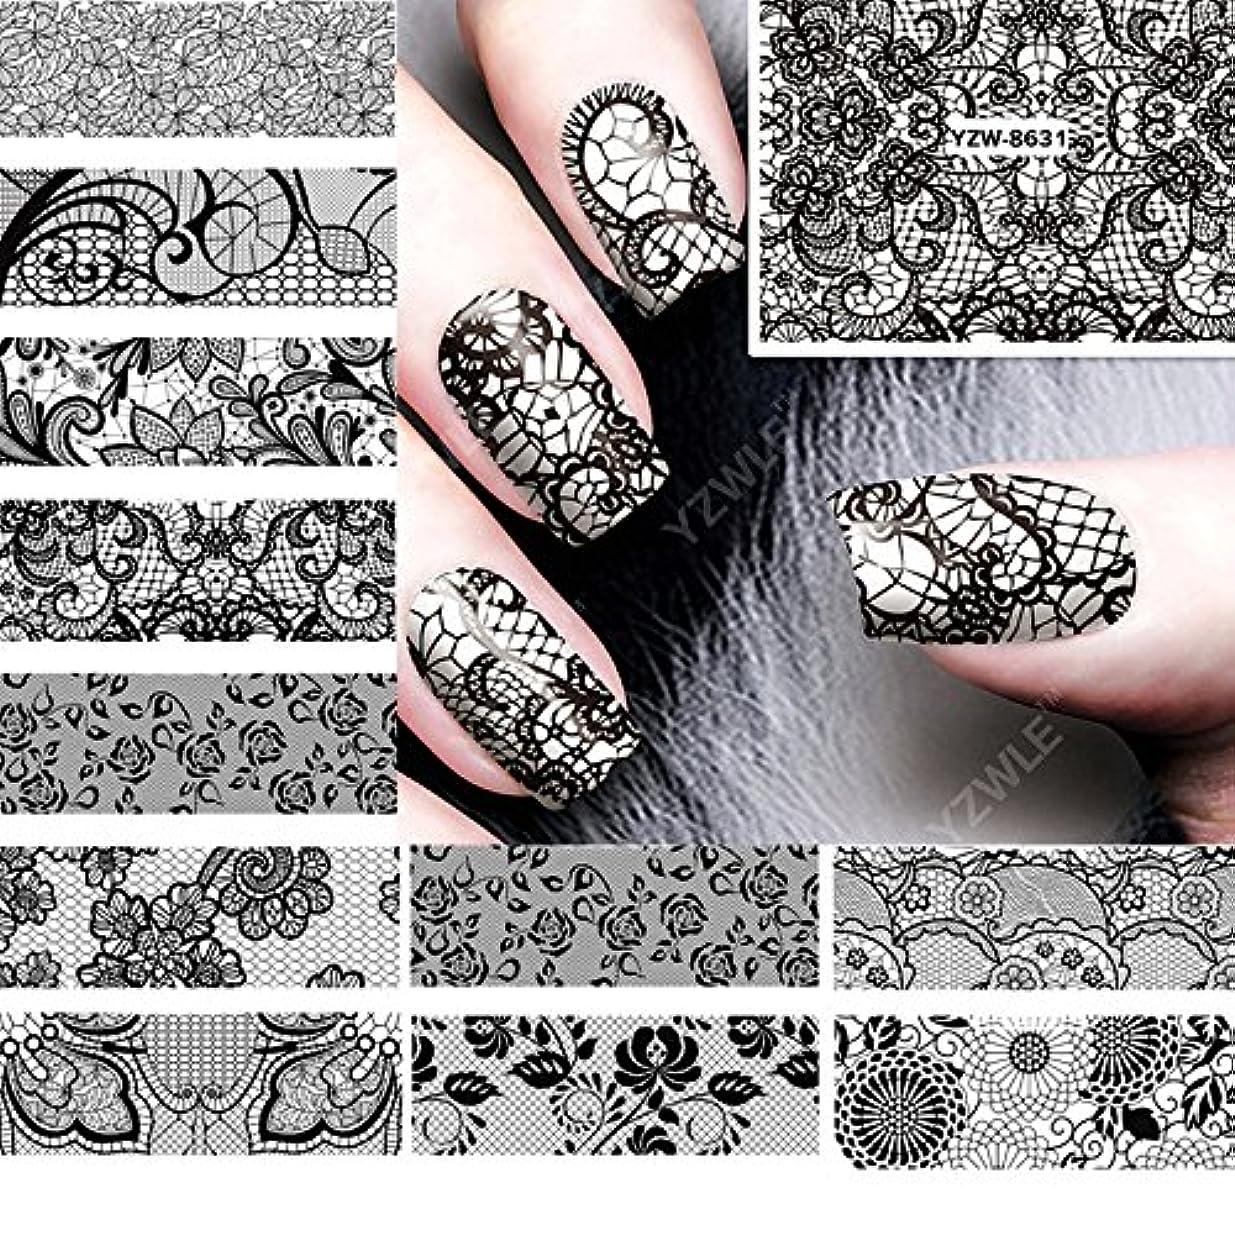 フィールド嫉妬食用Ithern(TM)12PCS /ロット美しさ黒のレースの設計水の転送ネイルアートステッカーデカール爪の装飾のためのマニキュアツールに62536をアクセサリー